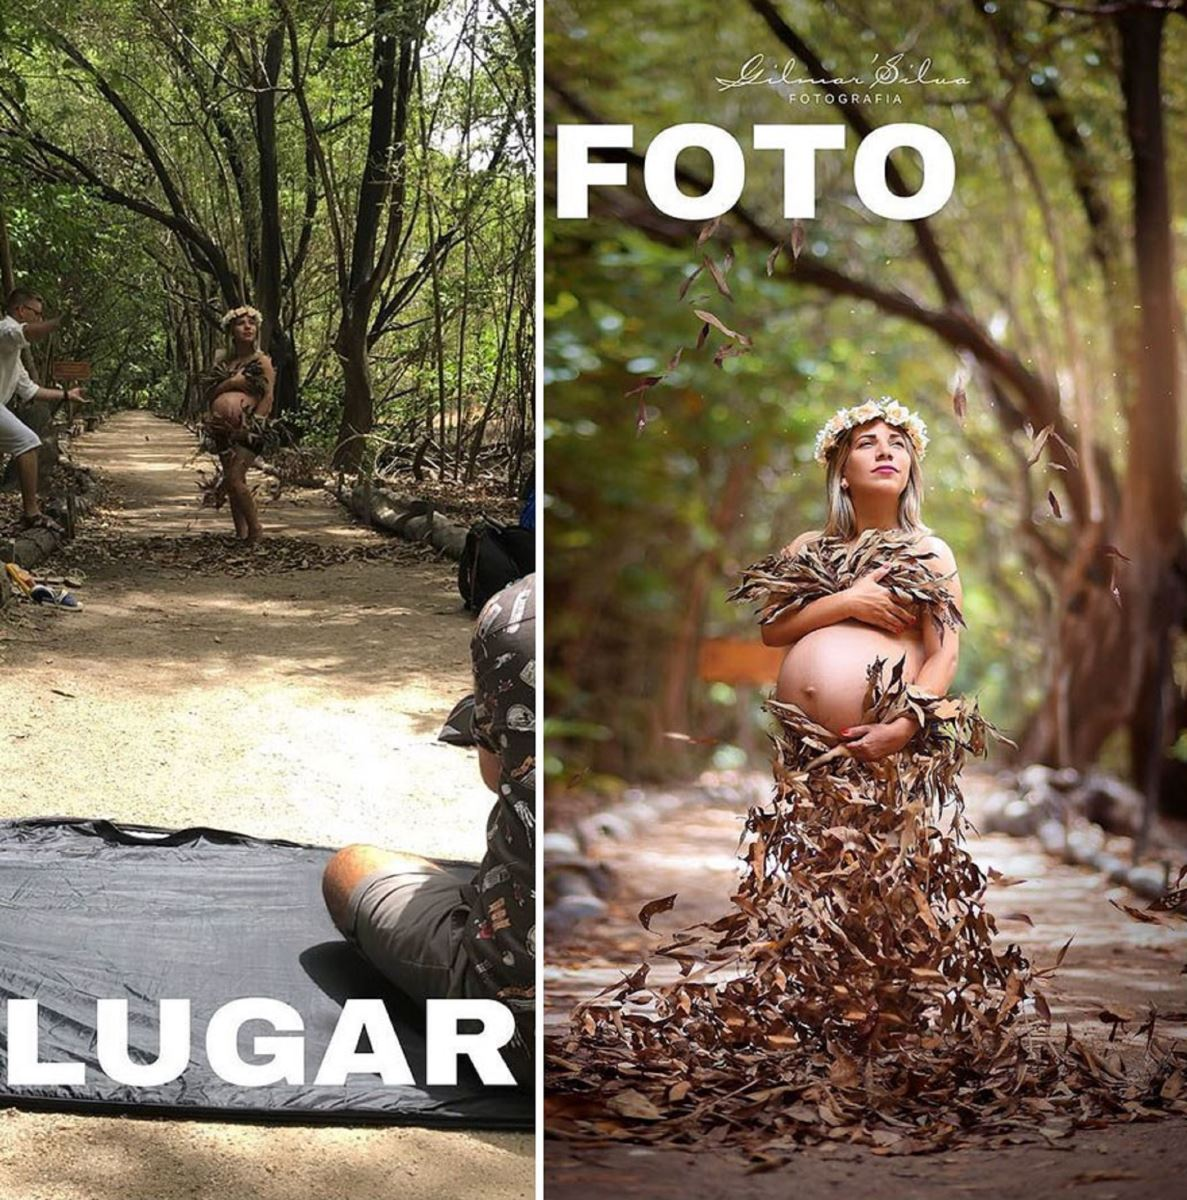 """Chết cười với những bức ảnh hậu trường của """"Thánh"""" chụp ảnh Photoshop phong cách siêu tiết kiệm"""